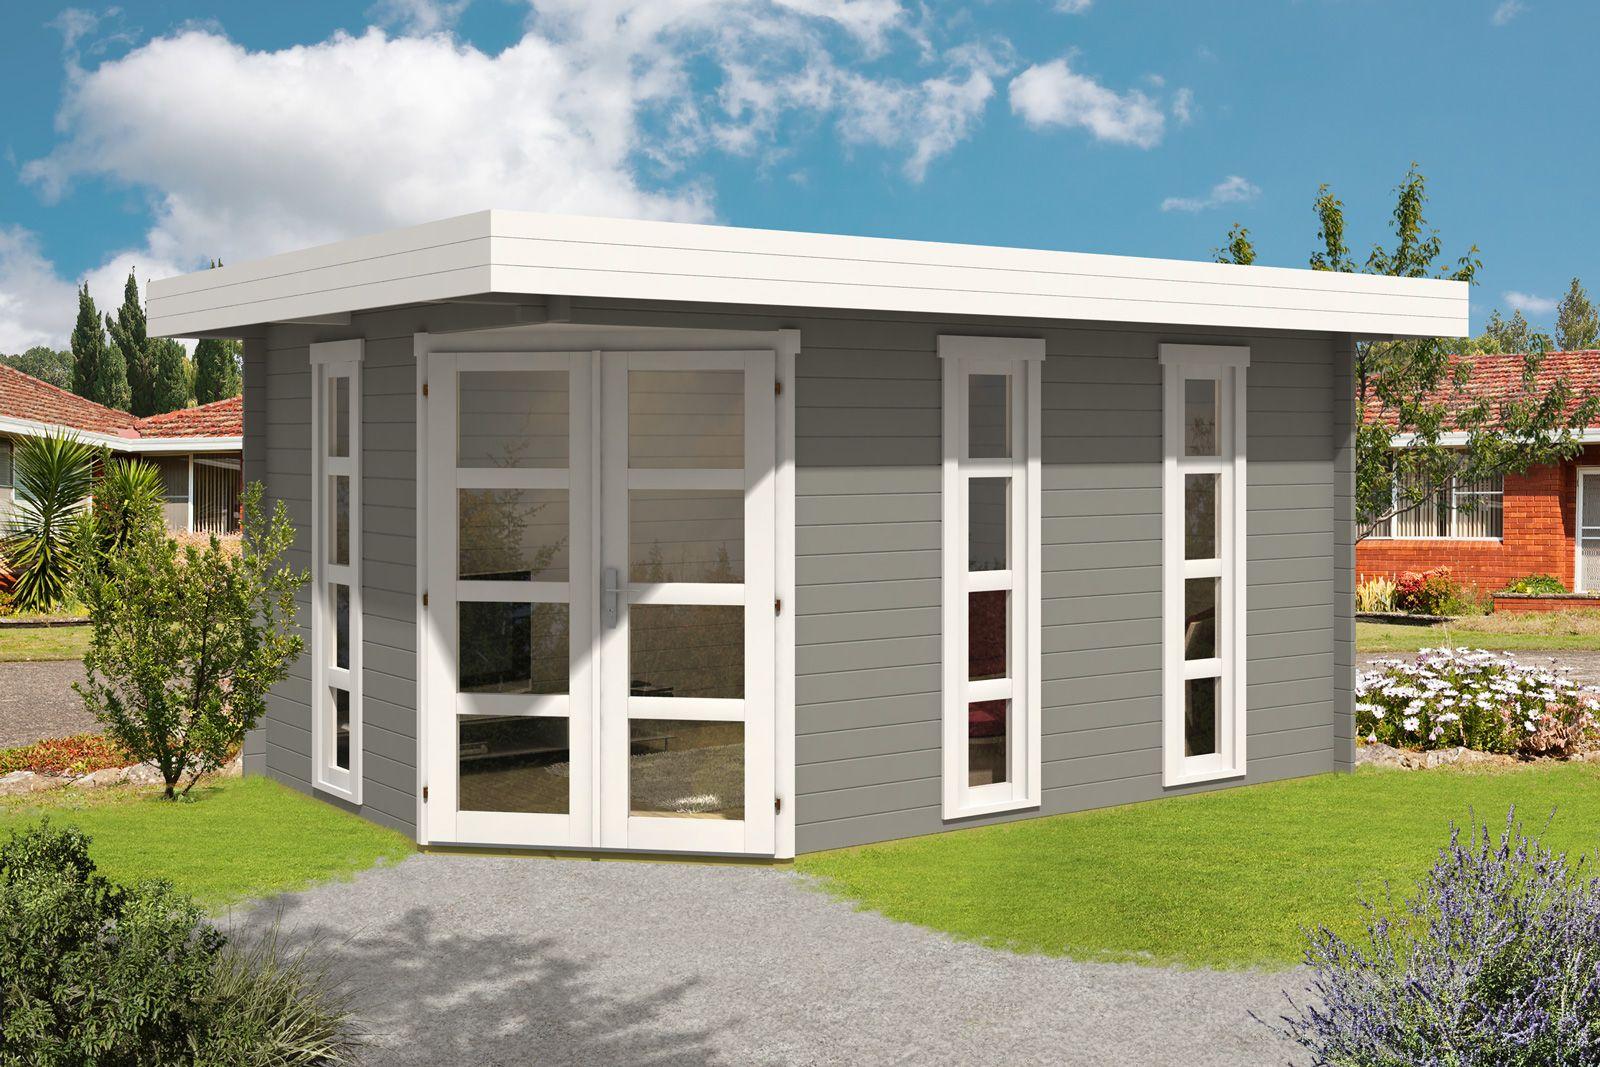 5Eck Gartenhaus Modell Lindau40 5Eck Gartenhaus Modell